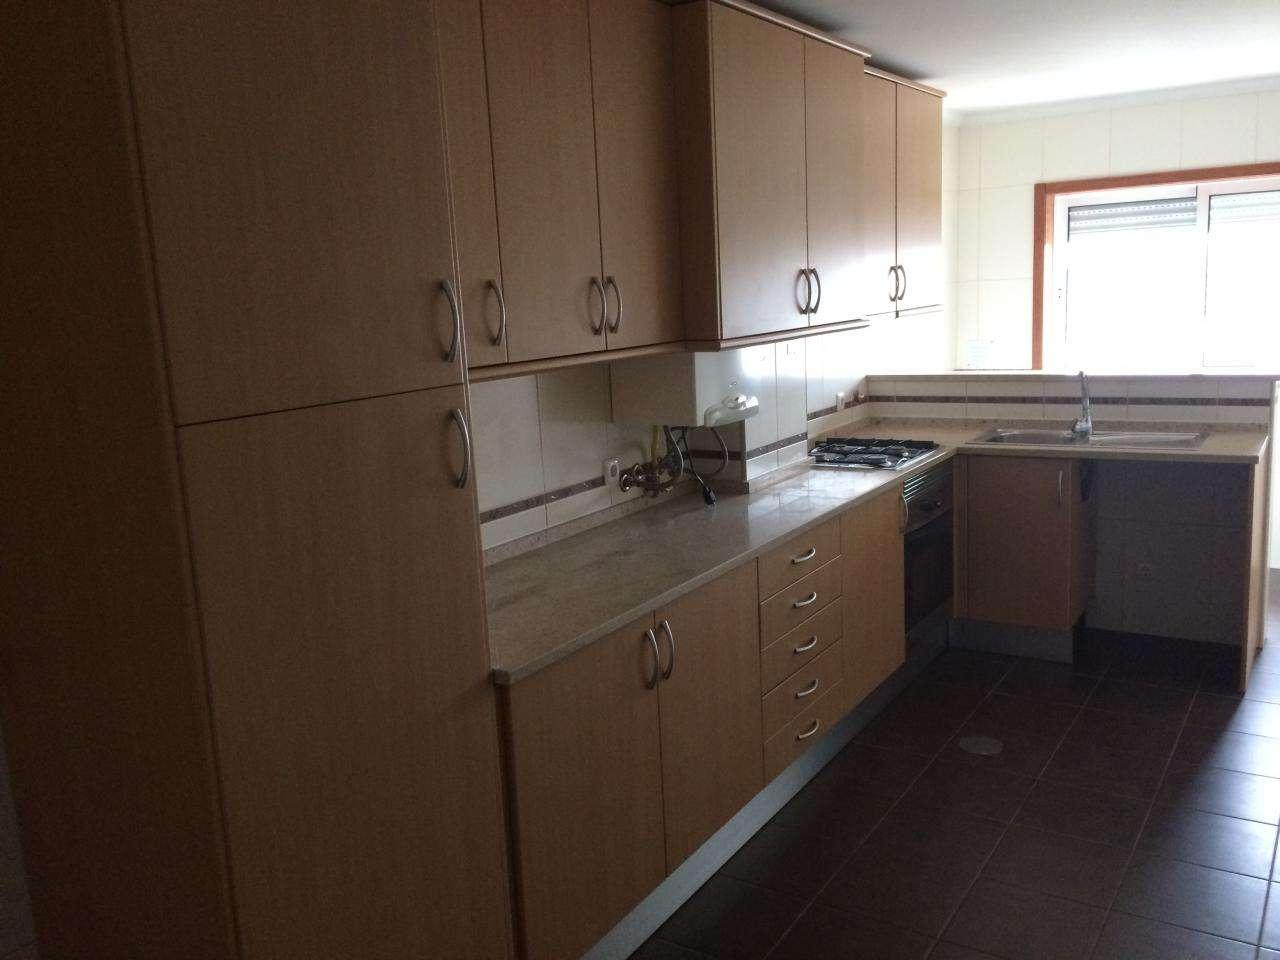 Apartamento para comprar, Palhaça, Oliveira do Bairro, Aveiro - Foto 1